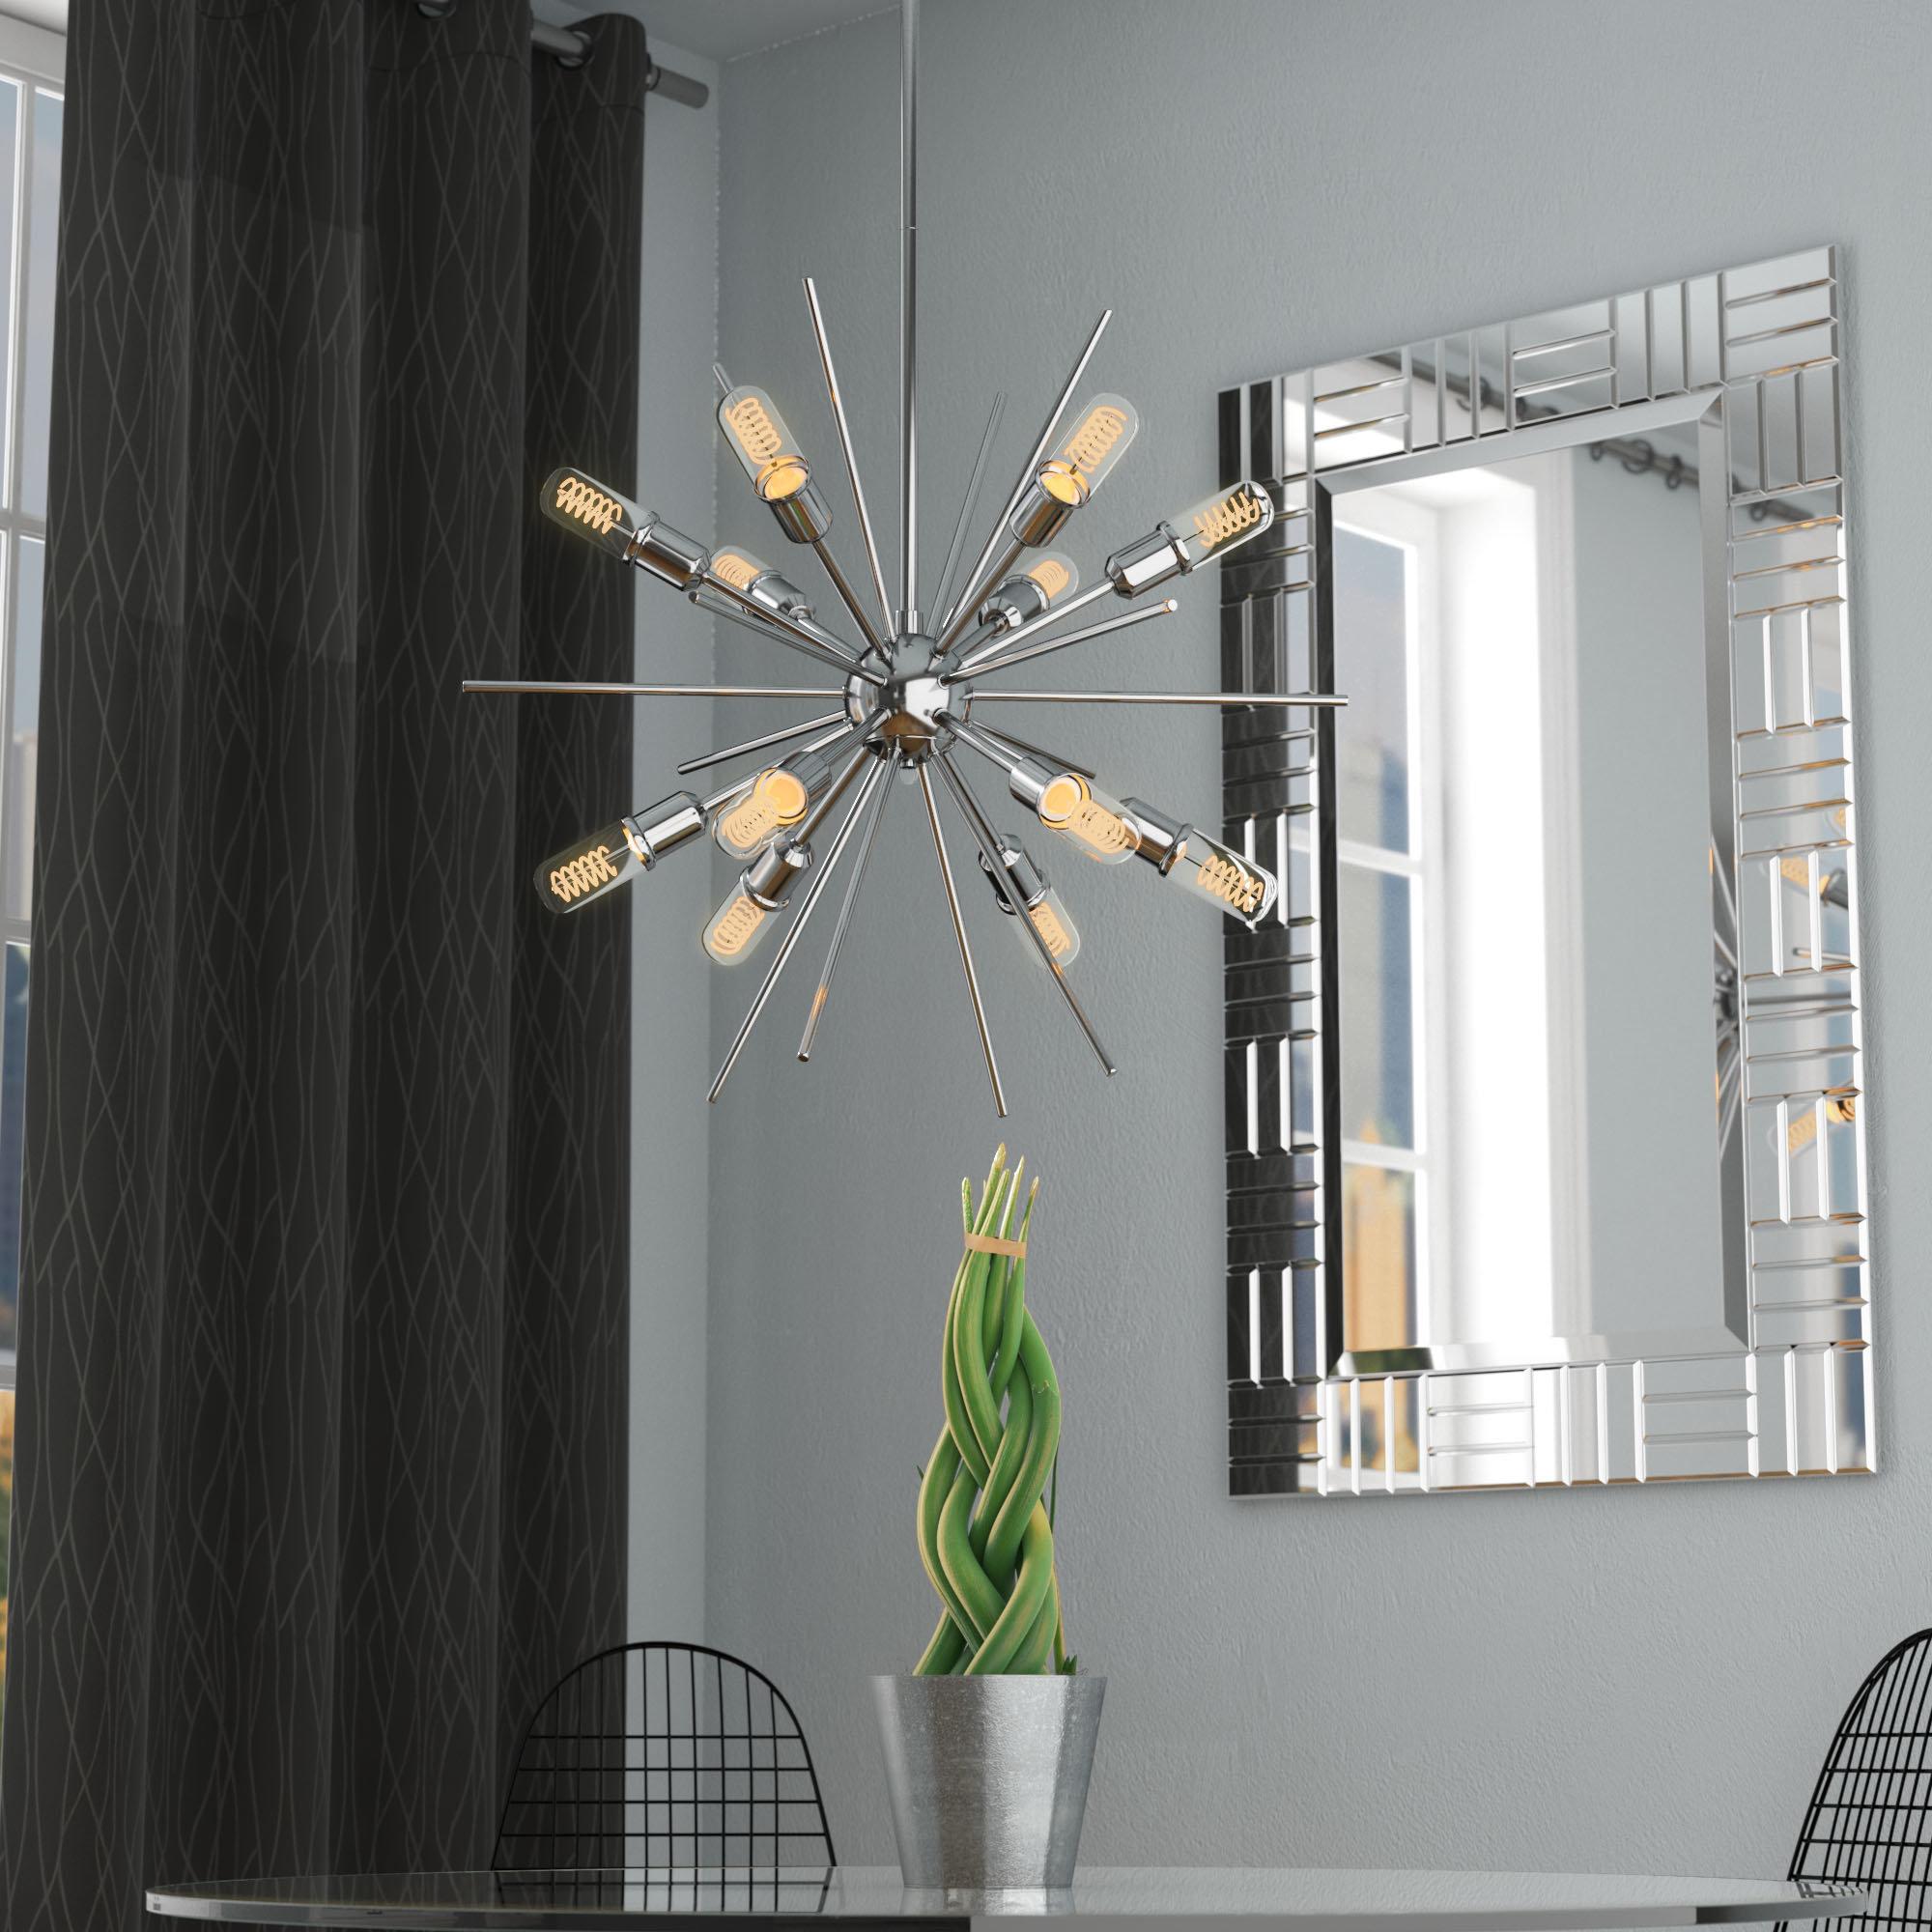 Corona 12 Light Sputnik Chandelier For Bacchus 12 Light Sputnik Chandeliers (View 2 of 30)